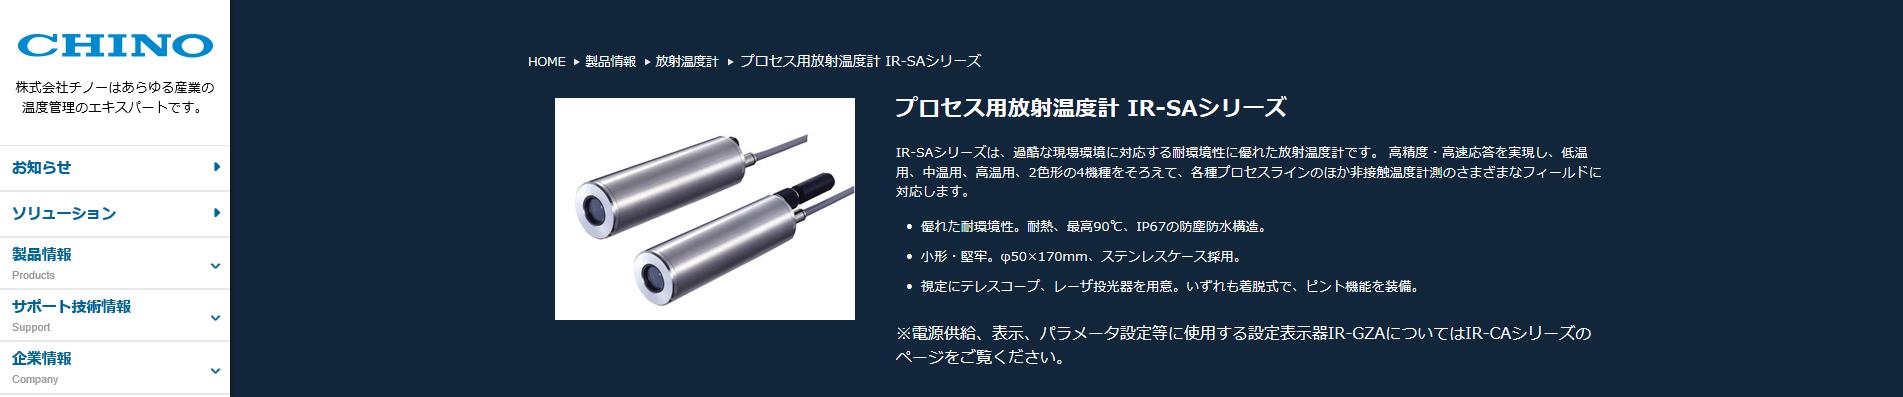 IR-SAシリーズ